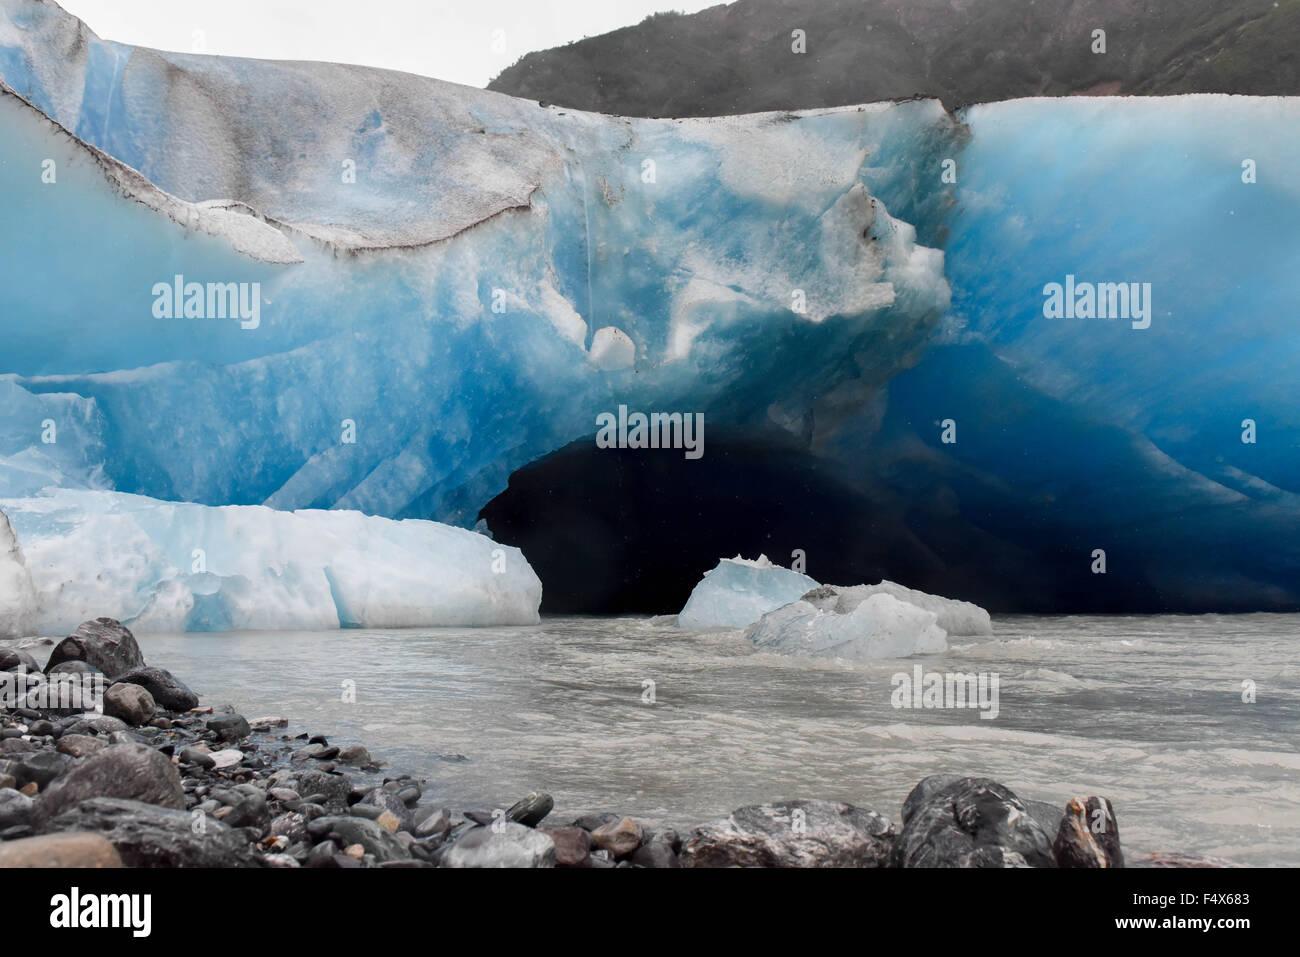 Eintrag weg zu einem Blue Ice Cave auf einer Alaskakreuzfahrt Exkursion Wanderung zu Davidson Gletscher in der Nähe Stockbild